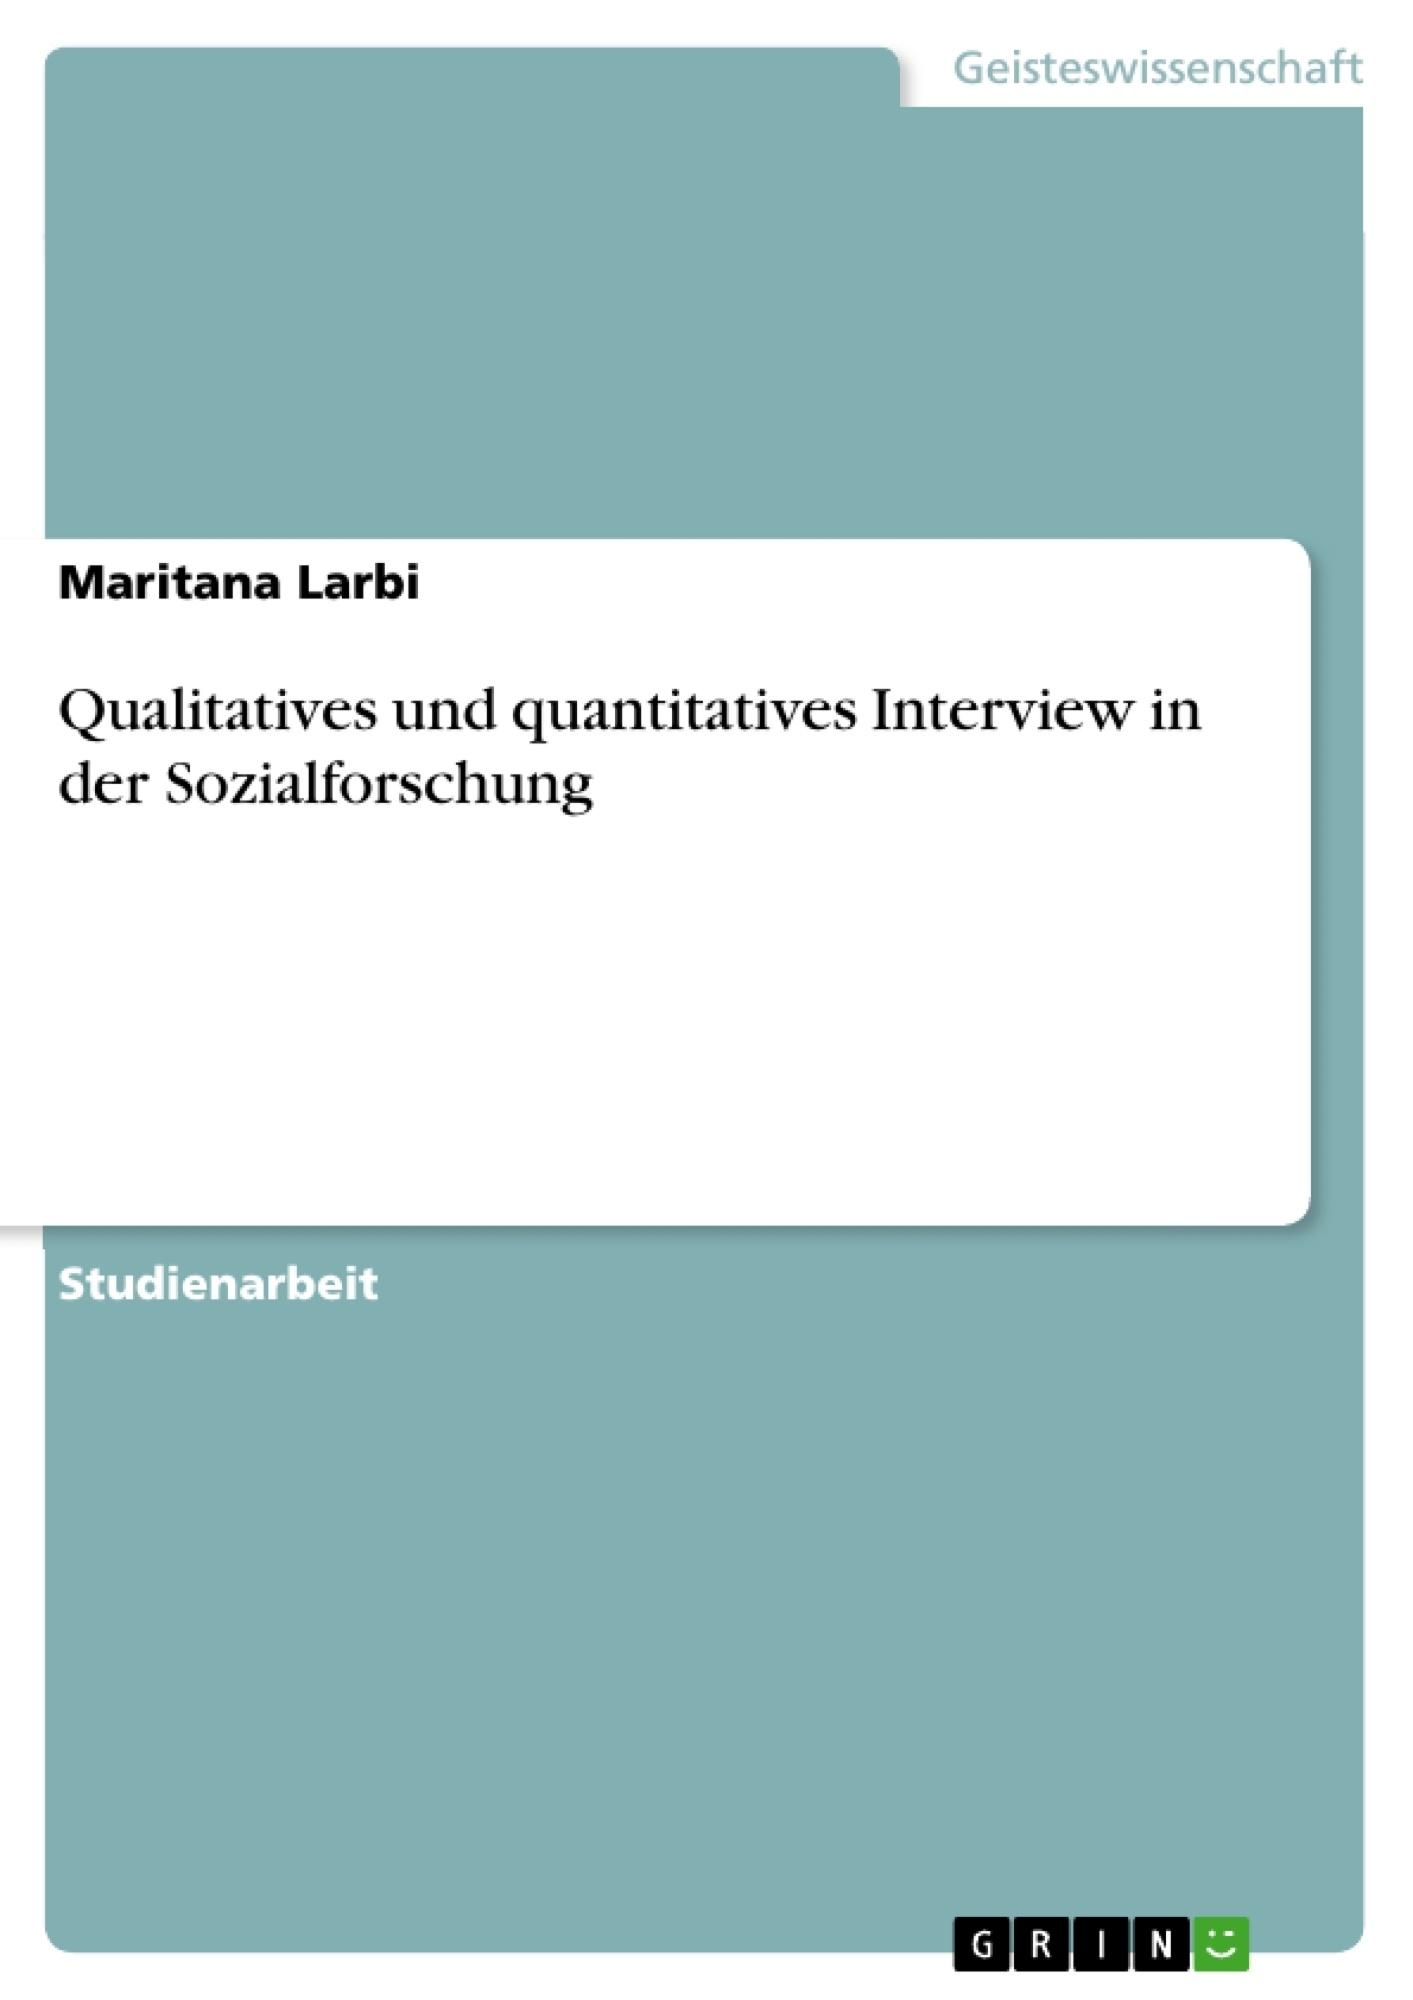 Titel: Qualitatives und quantitatives Interview in der Sozialforschung